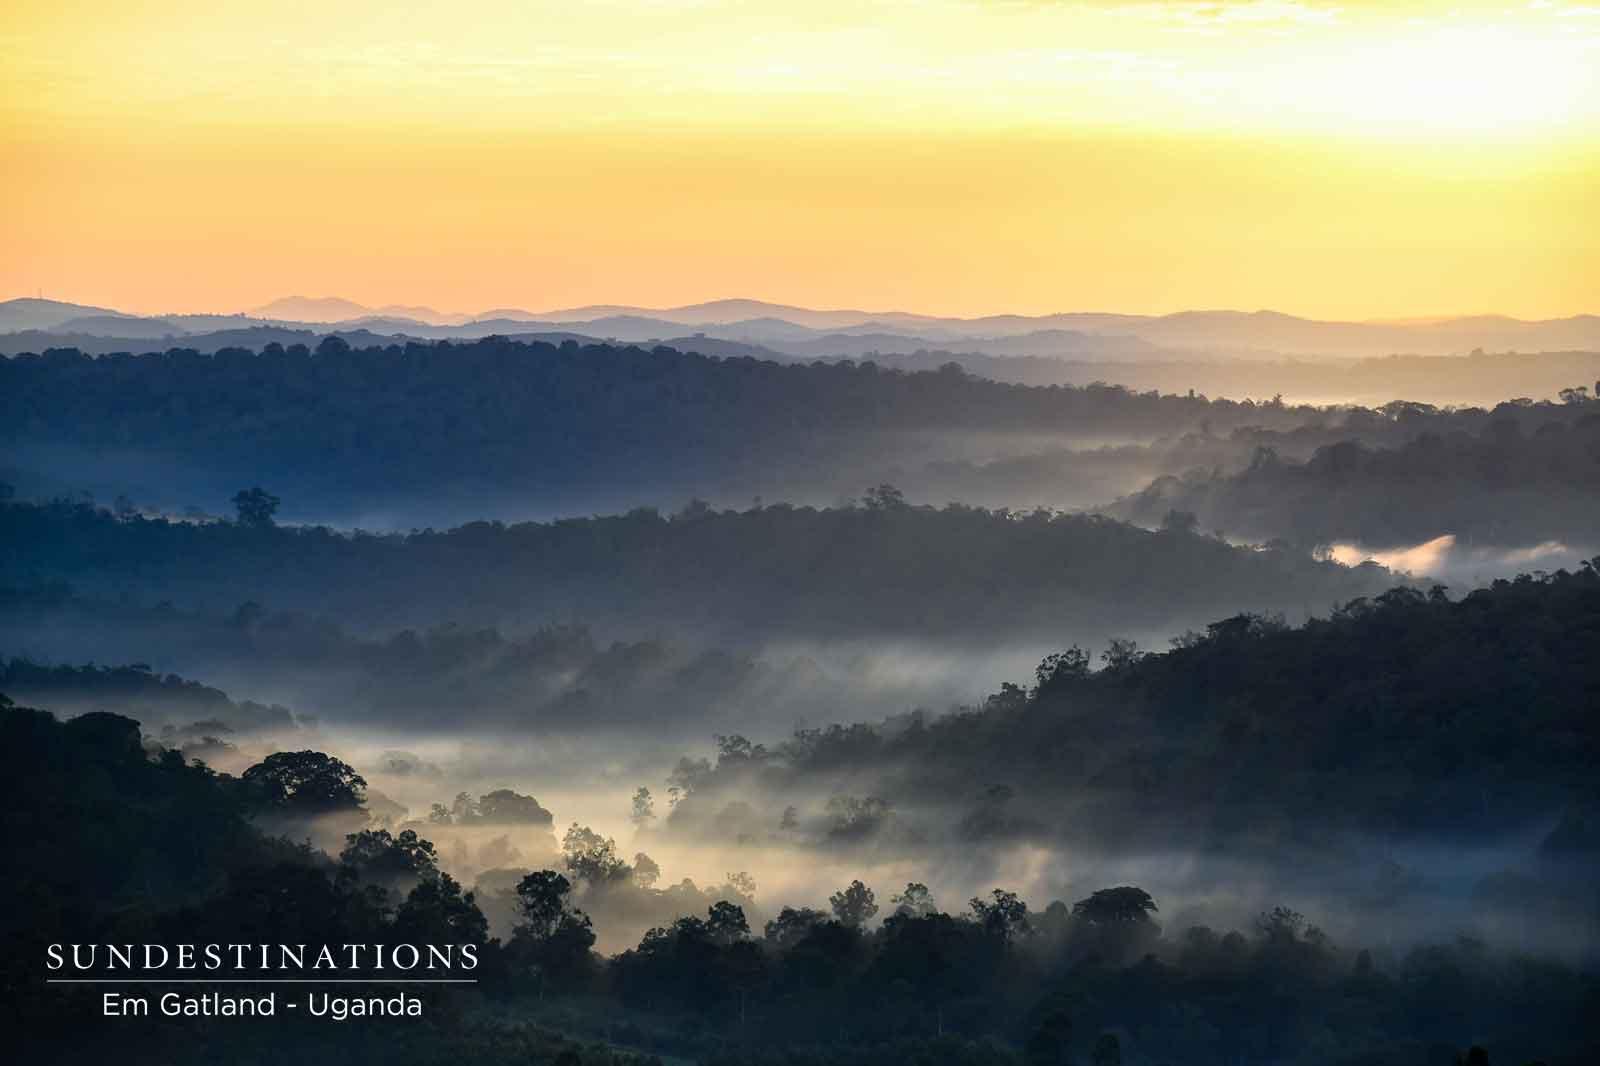 Sunsets in Uganda